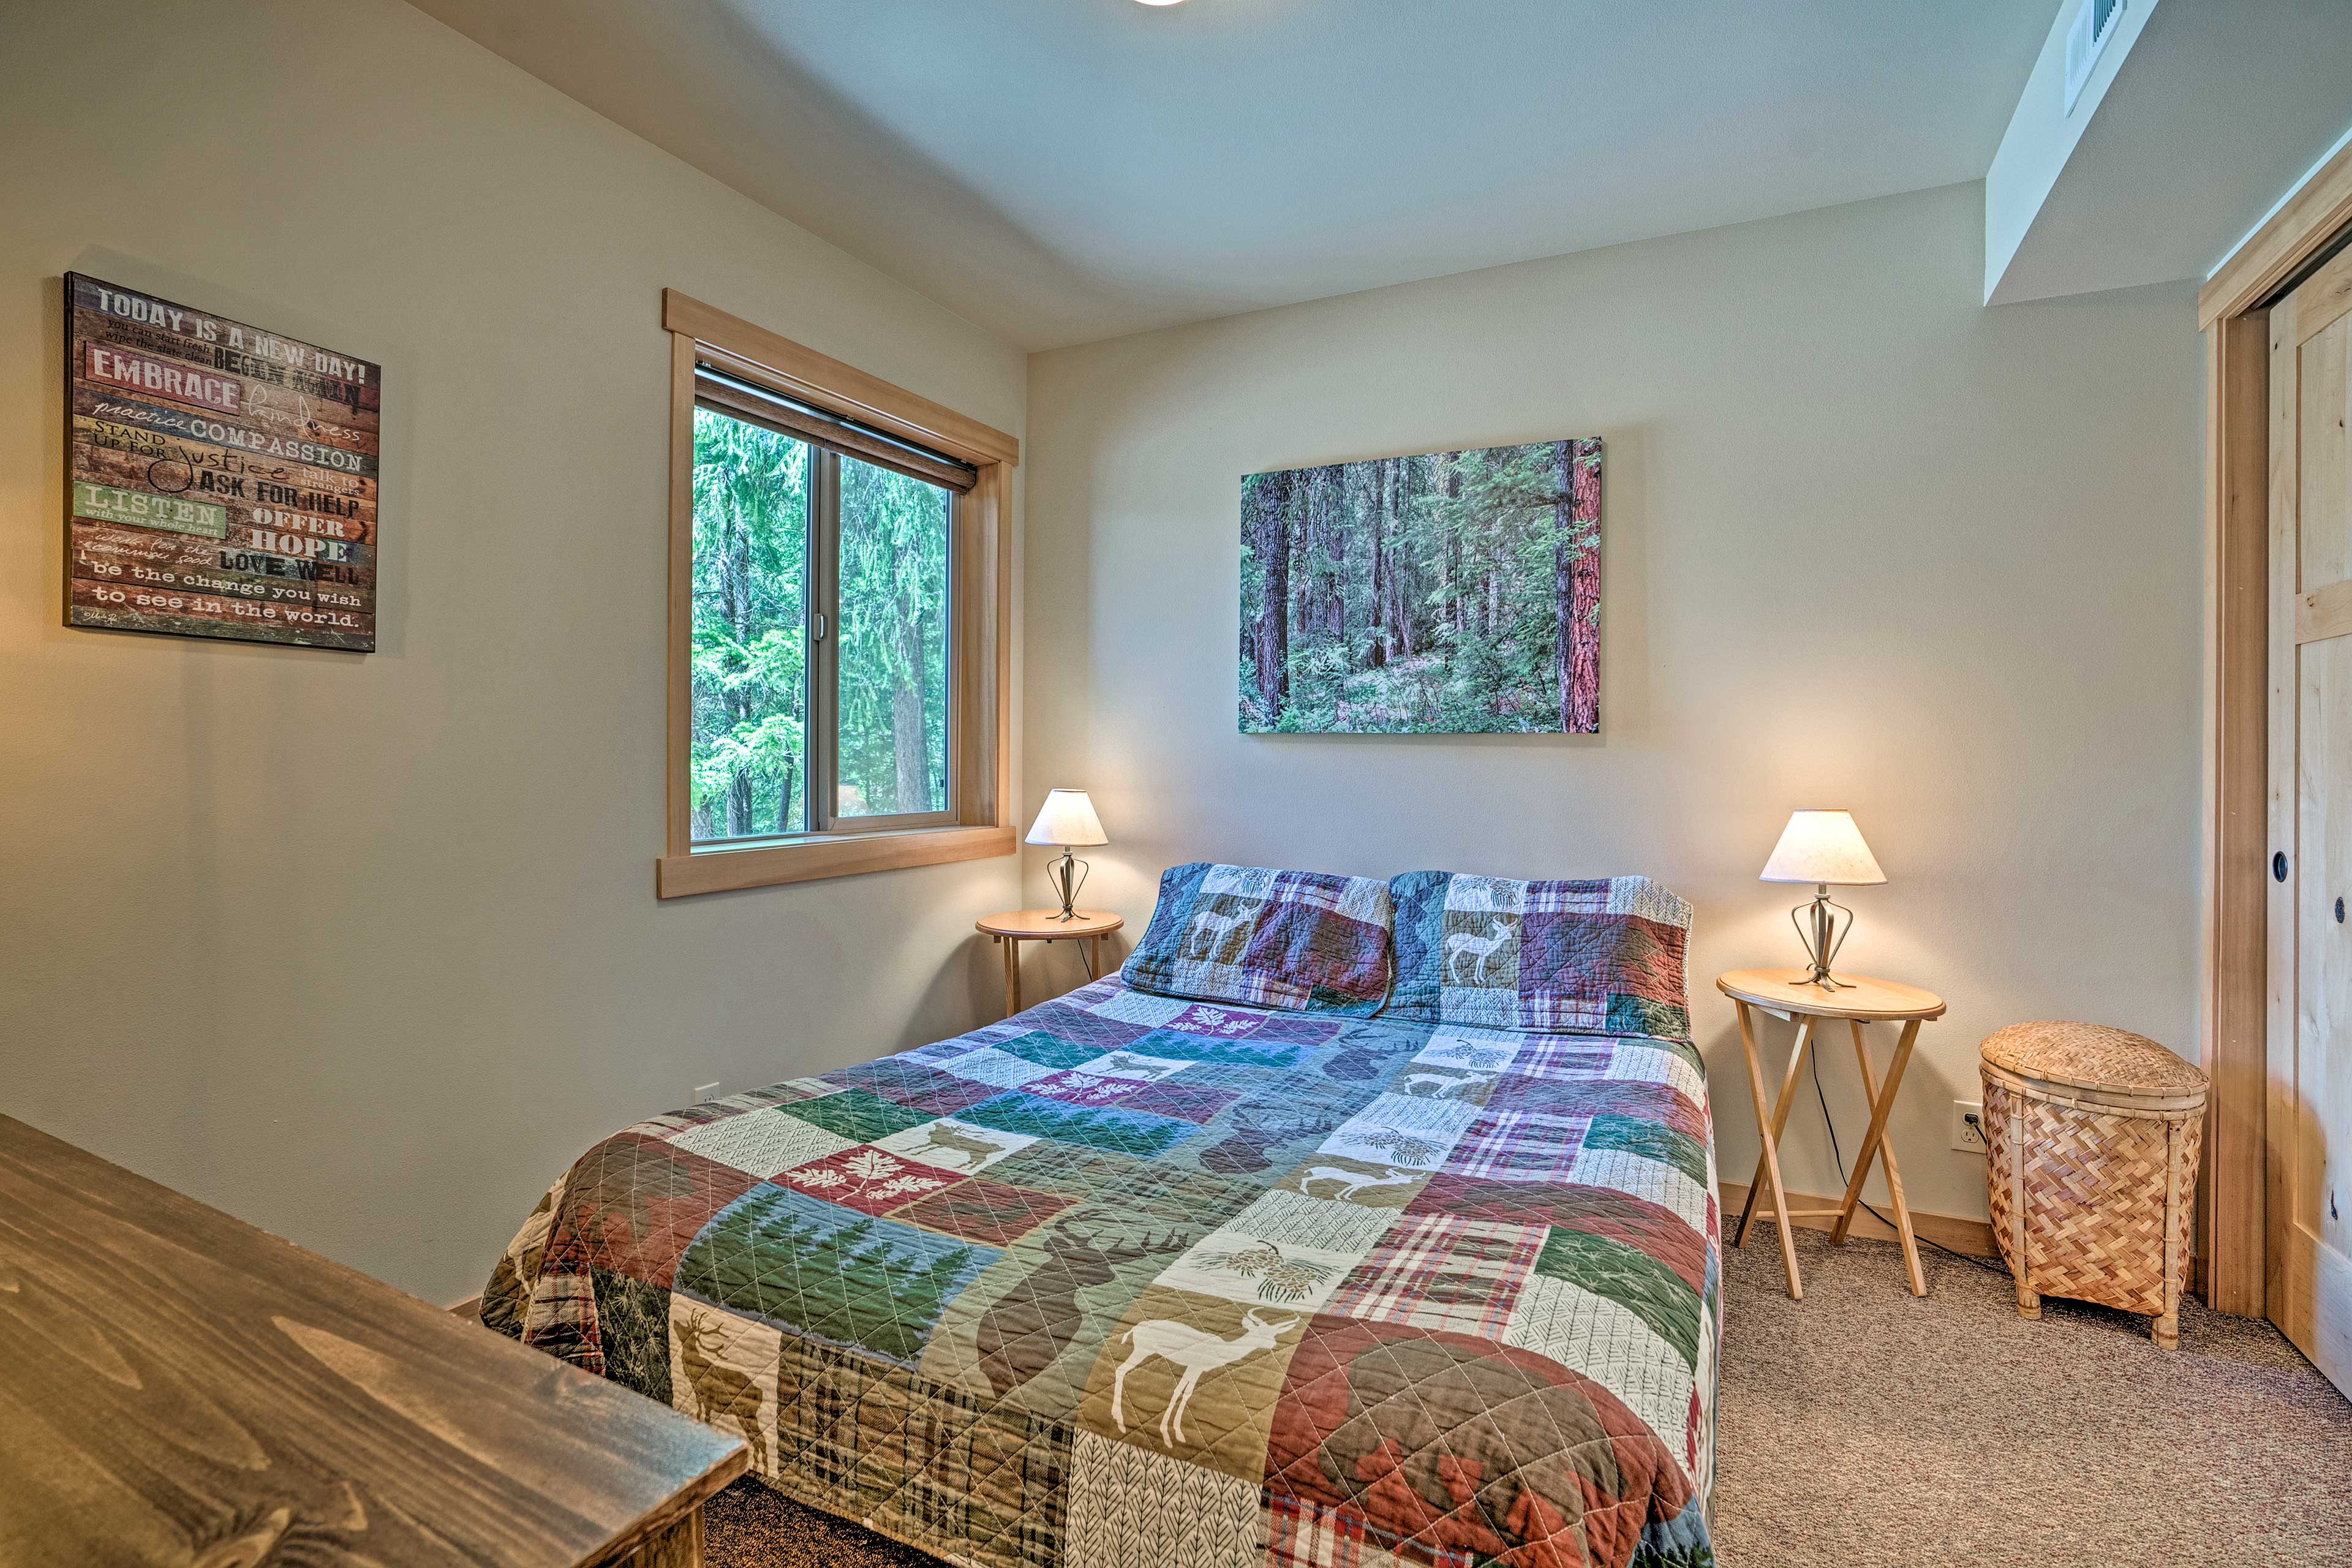 The bedroom has a queen bed.